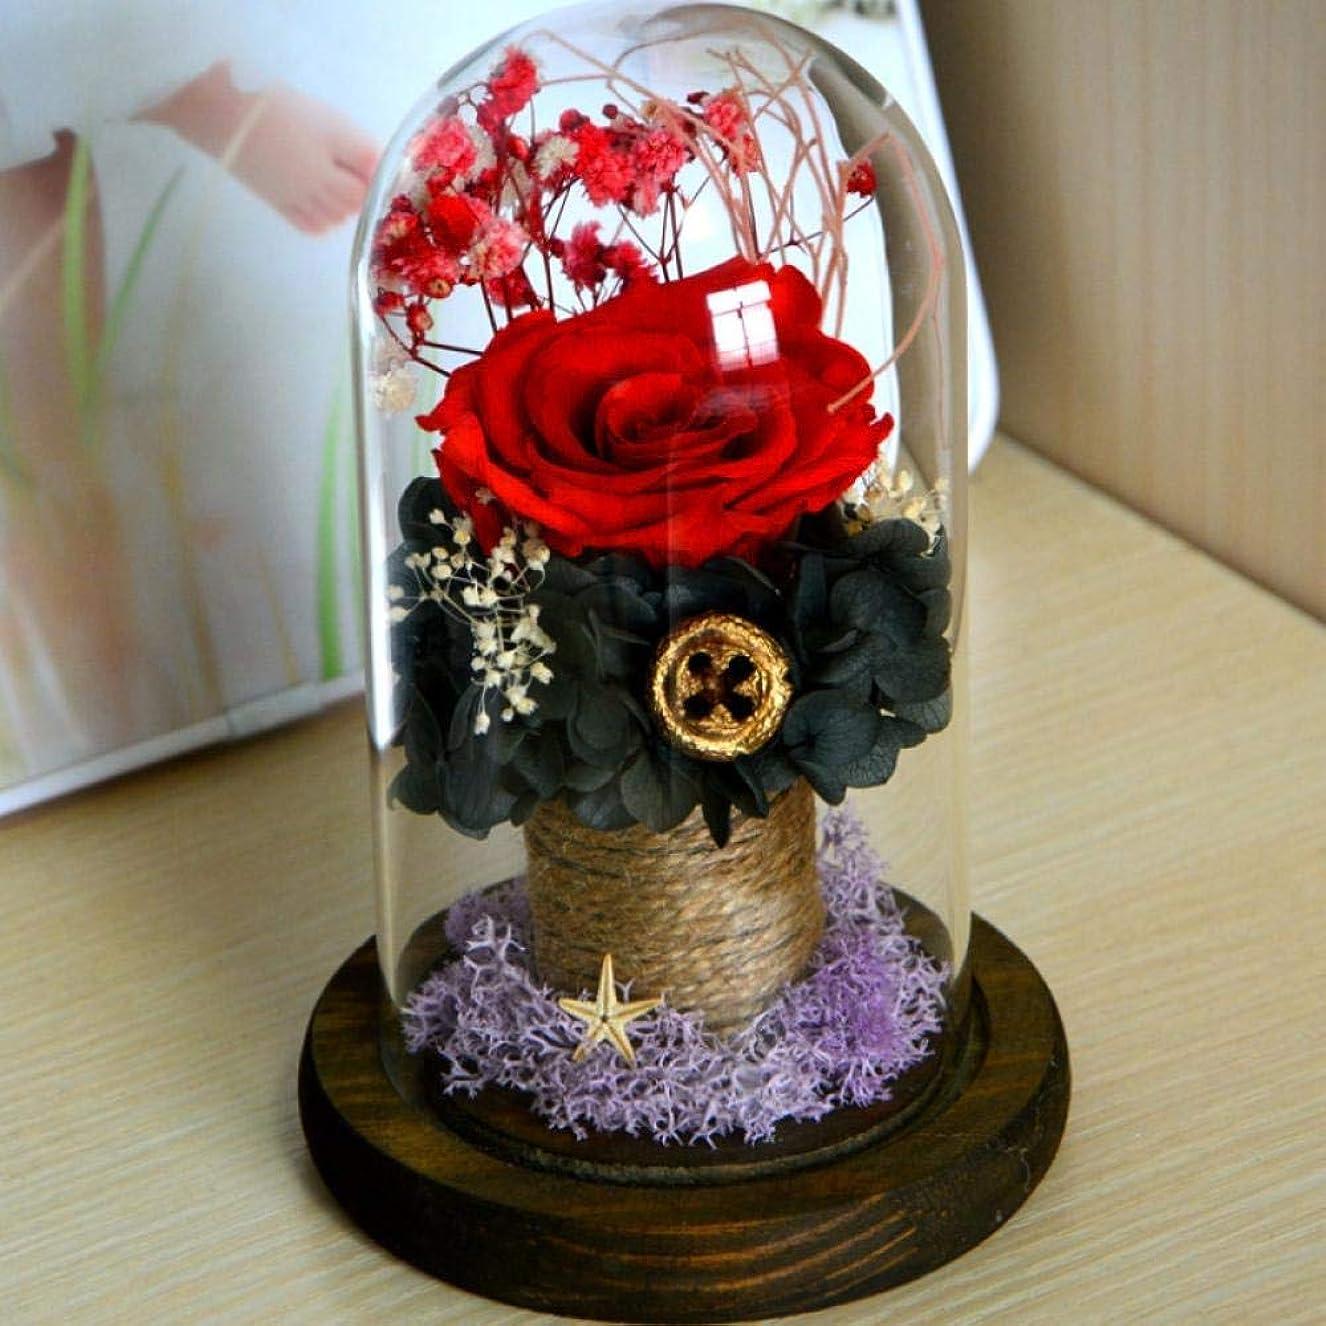 パパこっそりテザーBATWATY プリザーブドフラワーは、新鮮なガラスドームバレンタインデー結婚式母の日記念日誕生日の感謝祭、クリスマス、赤に花永遠の花バラ永遠のバラを保存しました 母の日のプレゼント (Color : Red)